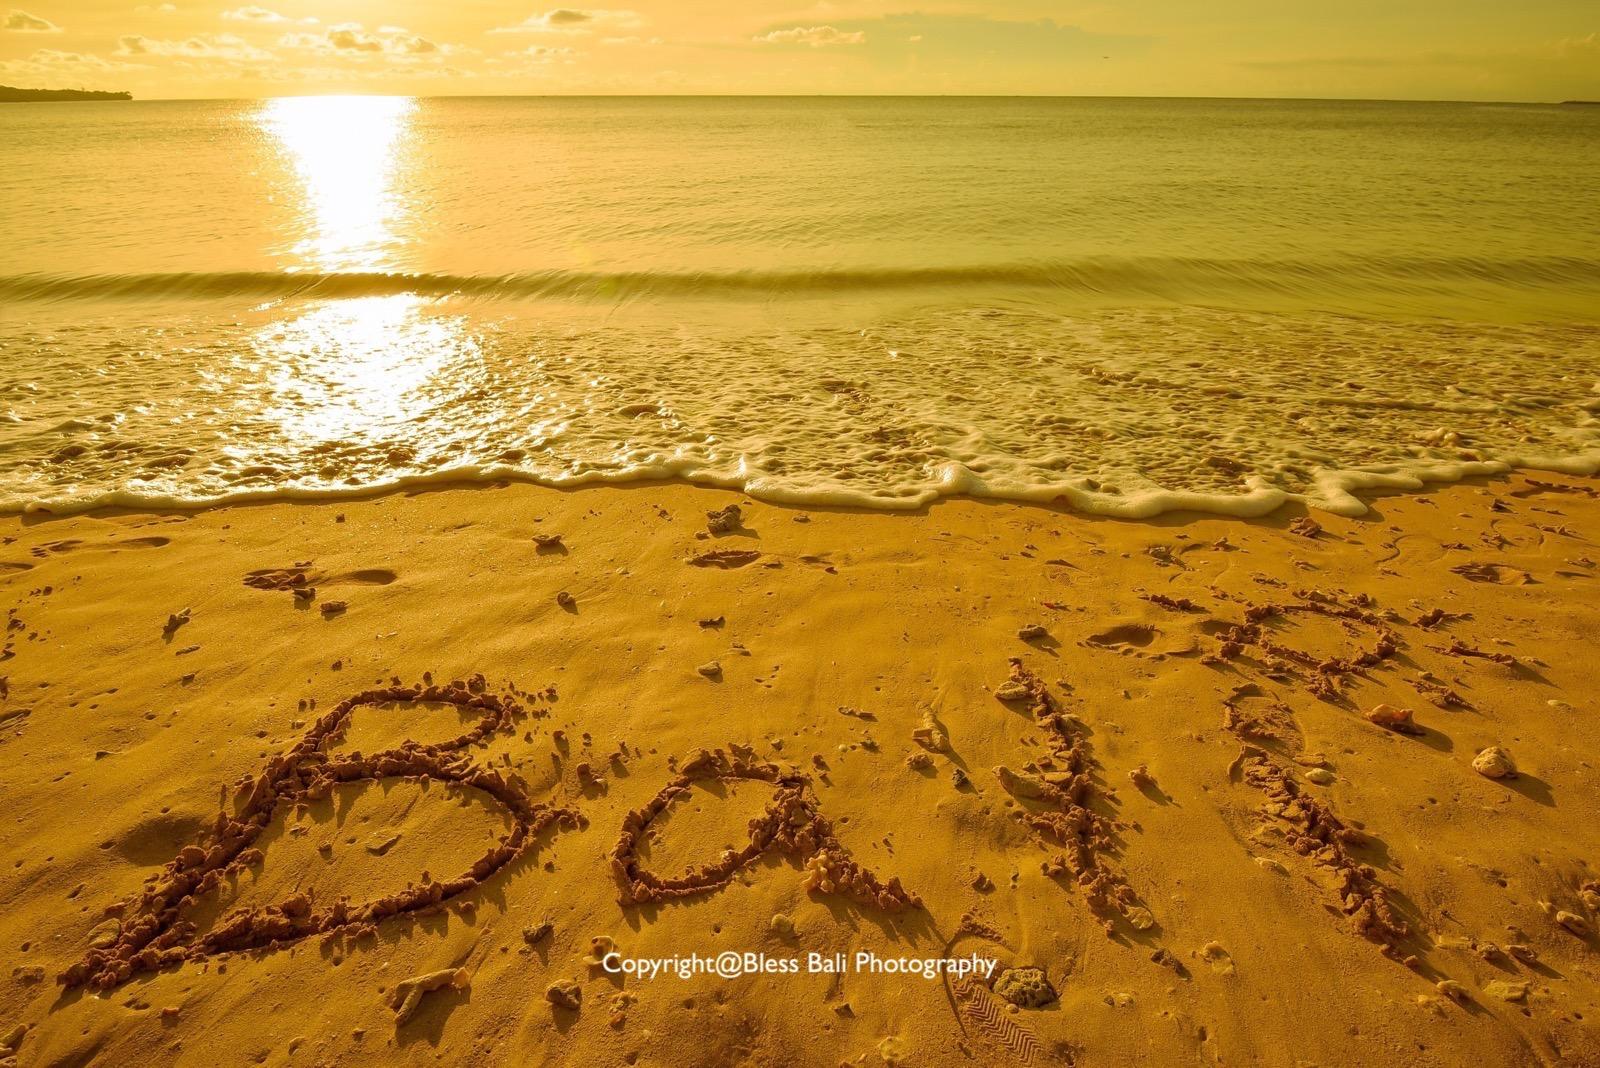 砂浜にBaliを書いて想い出に